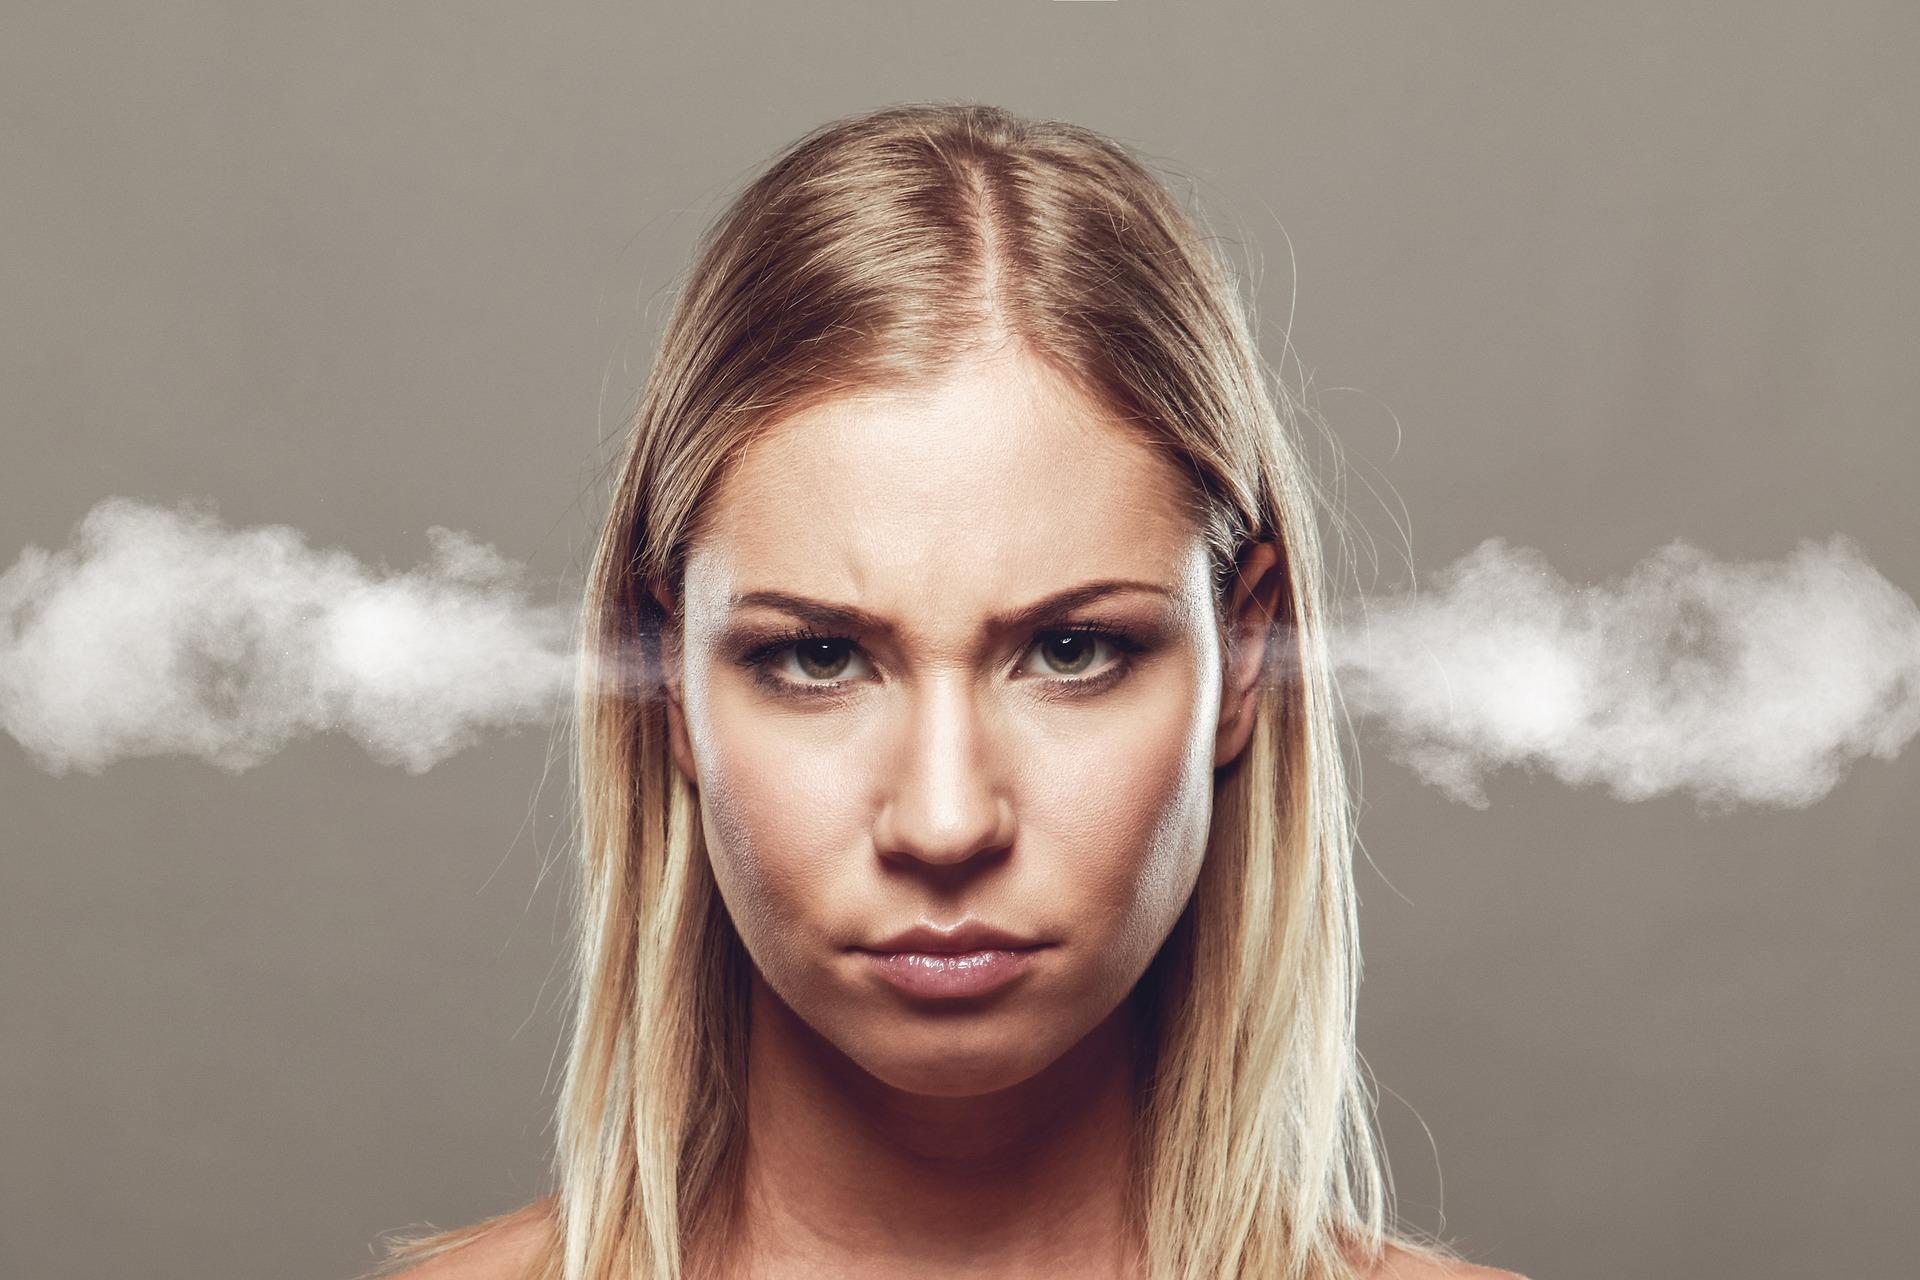 Vred, pige, angry, sur, psykologi, sociologi, hjerne